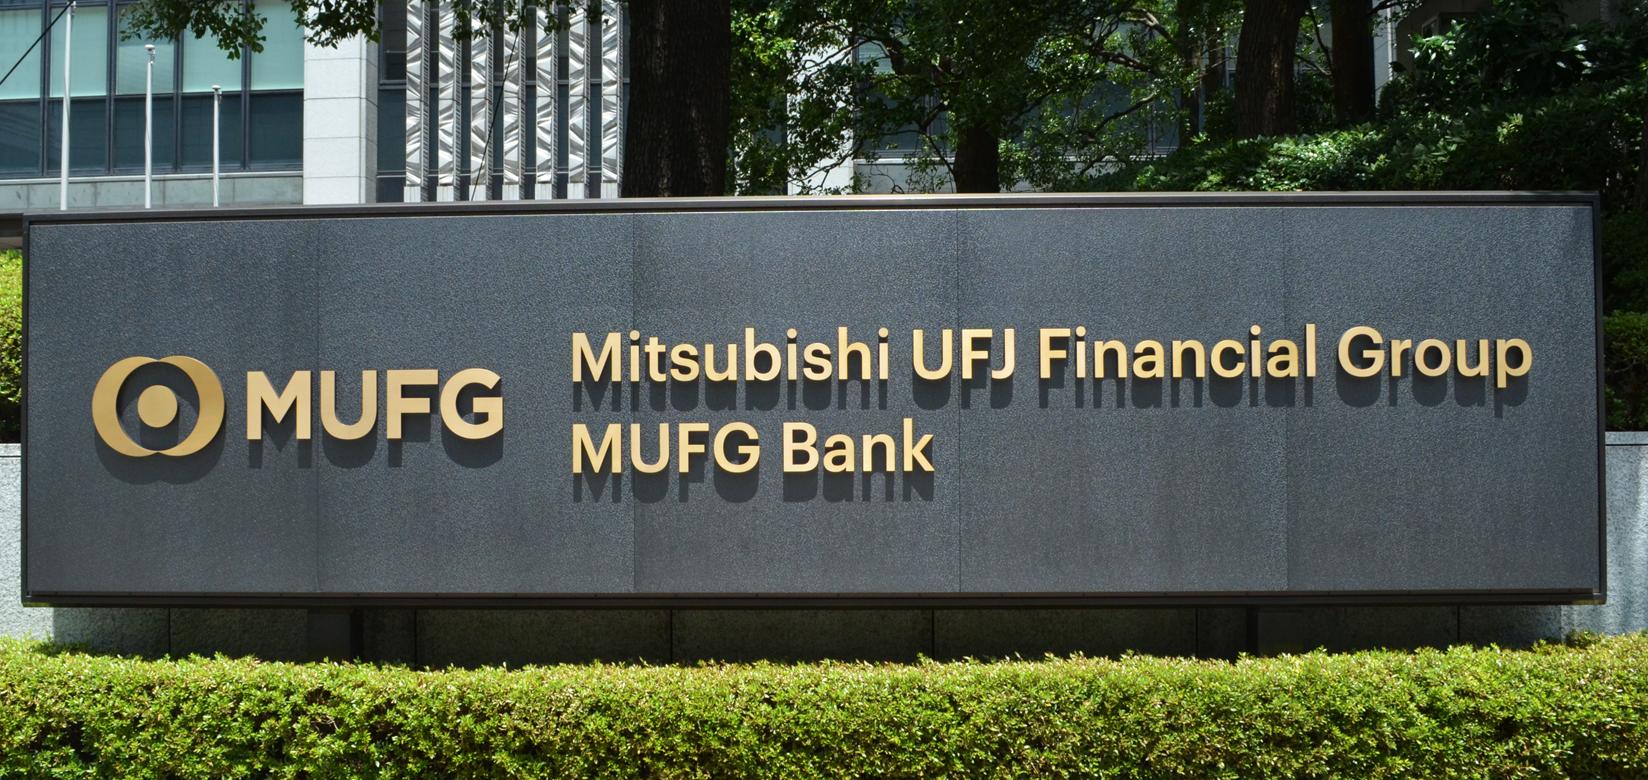 2018年7月20日号4面 MUFG、関西・西日本戦略、シナジー効果を最大限発揮